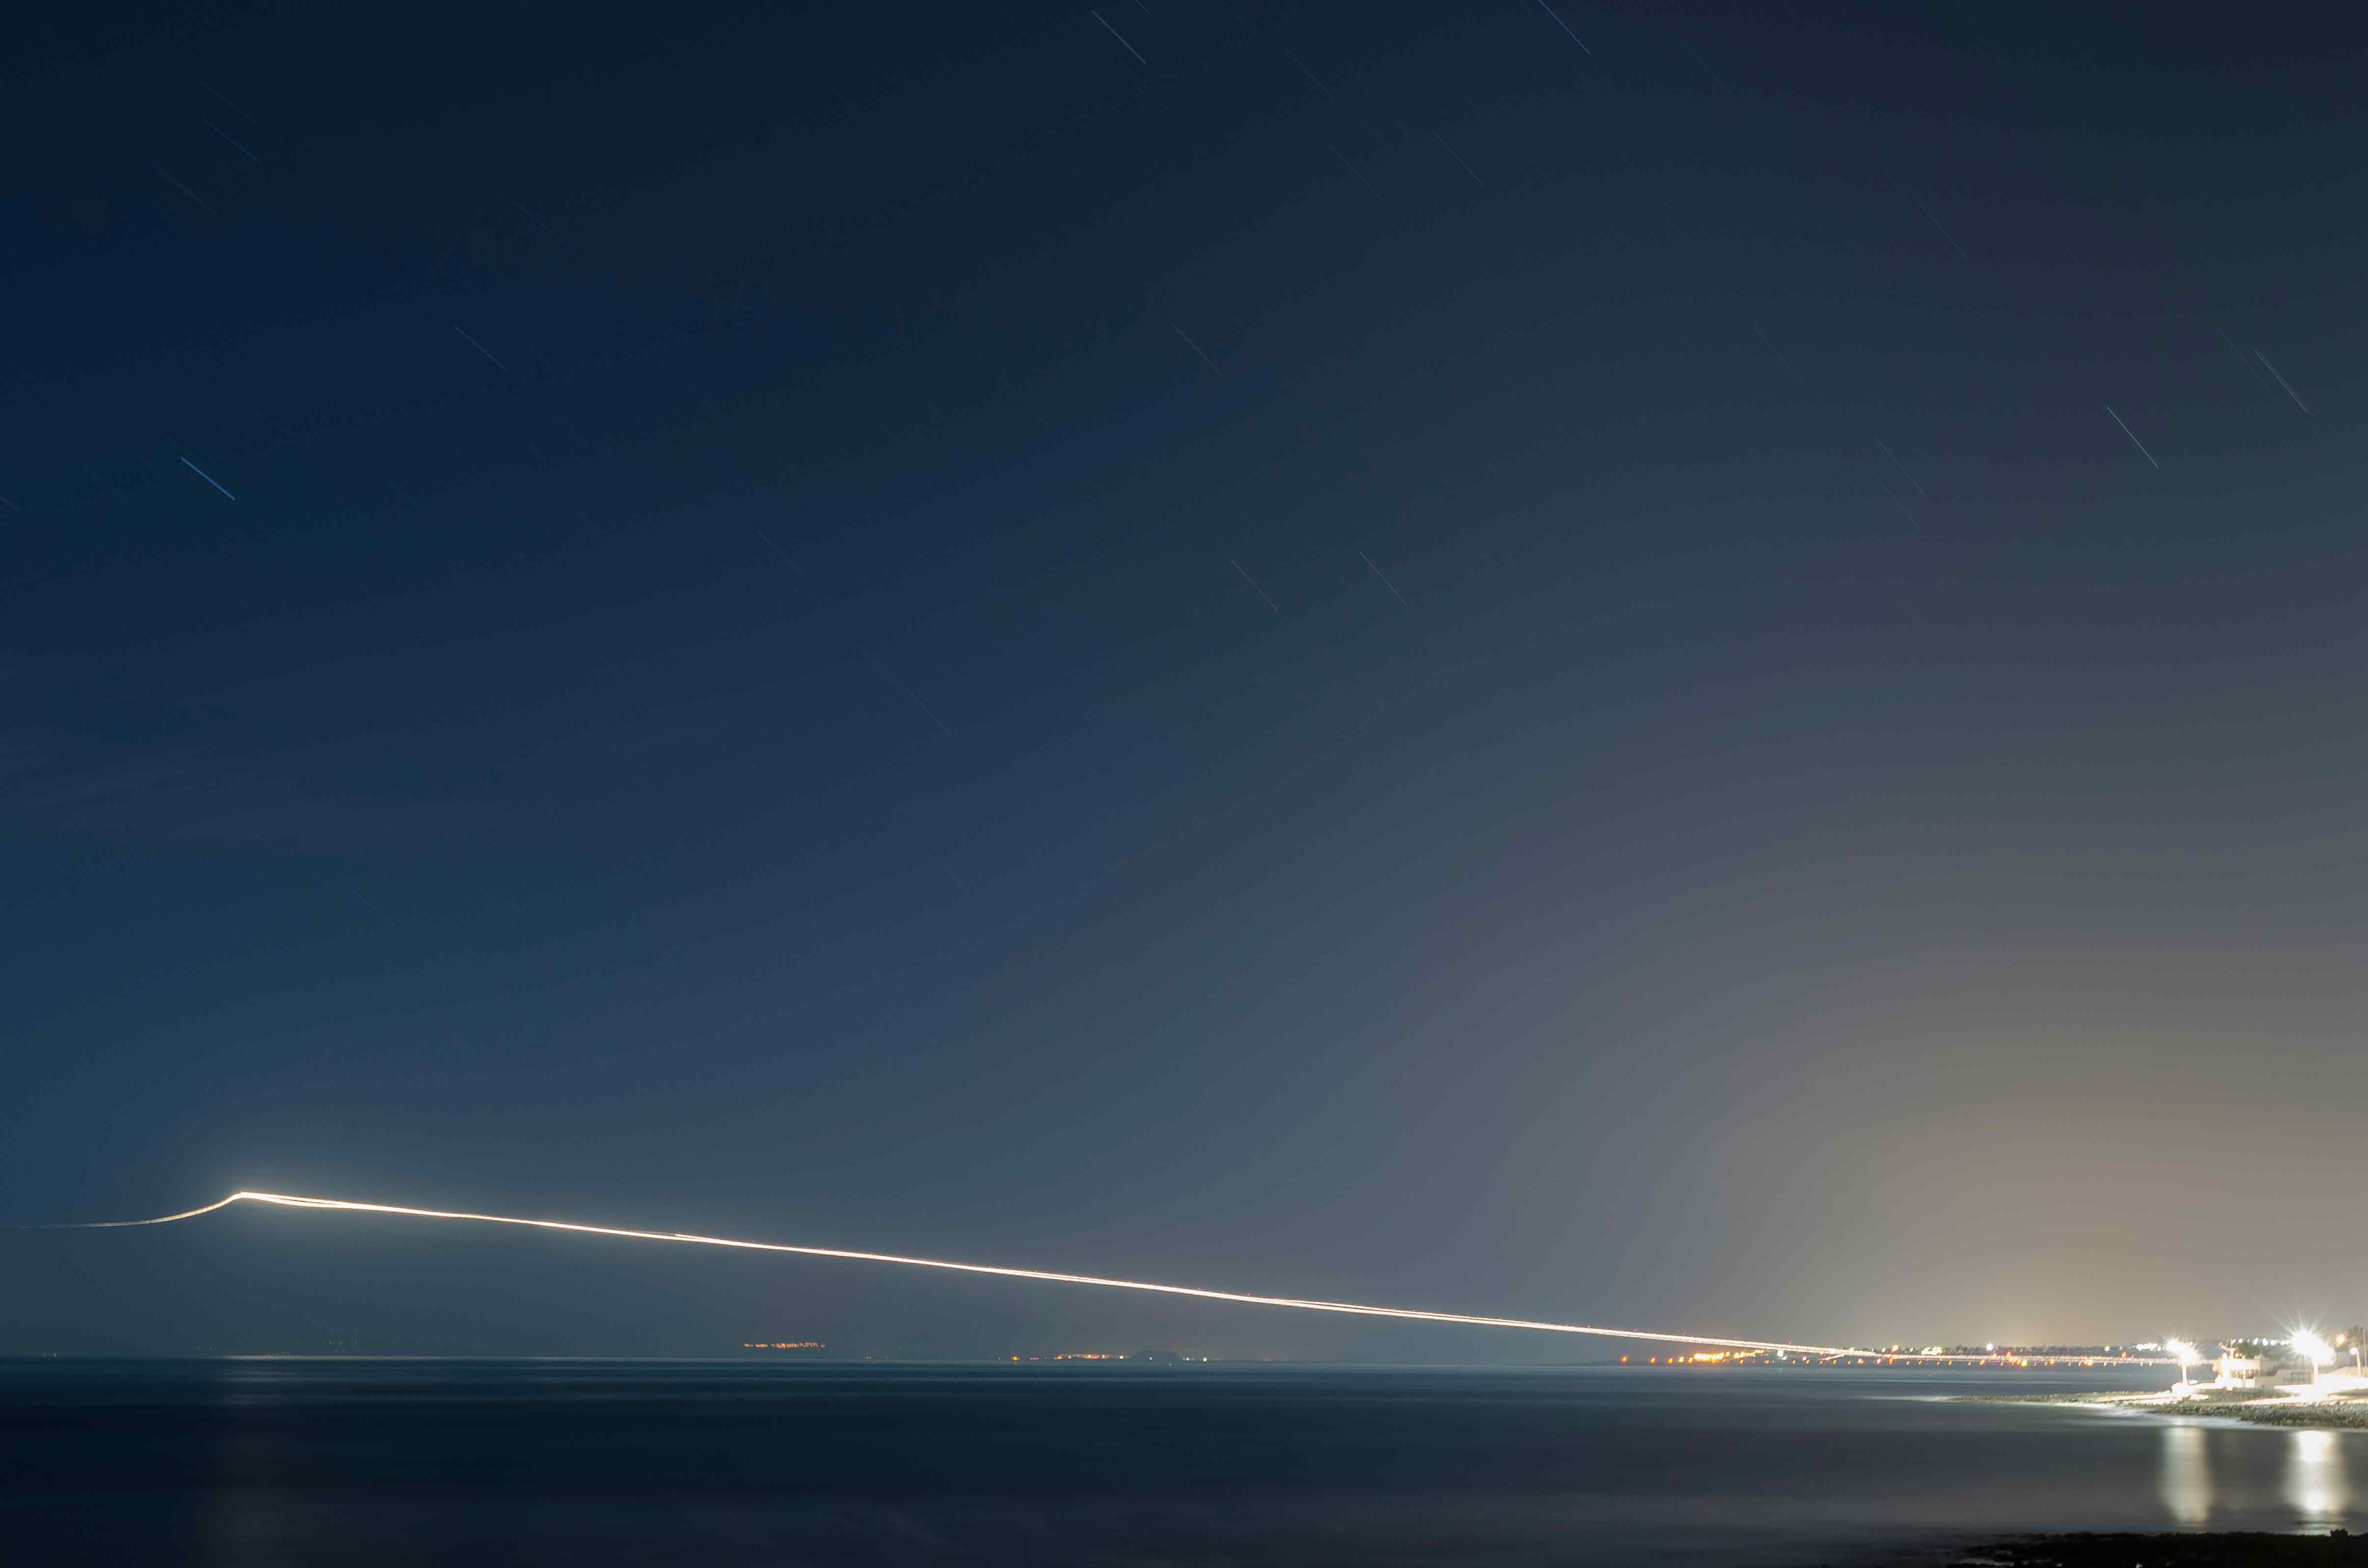 Un hilo suspendido sobre el mar